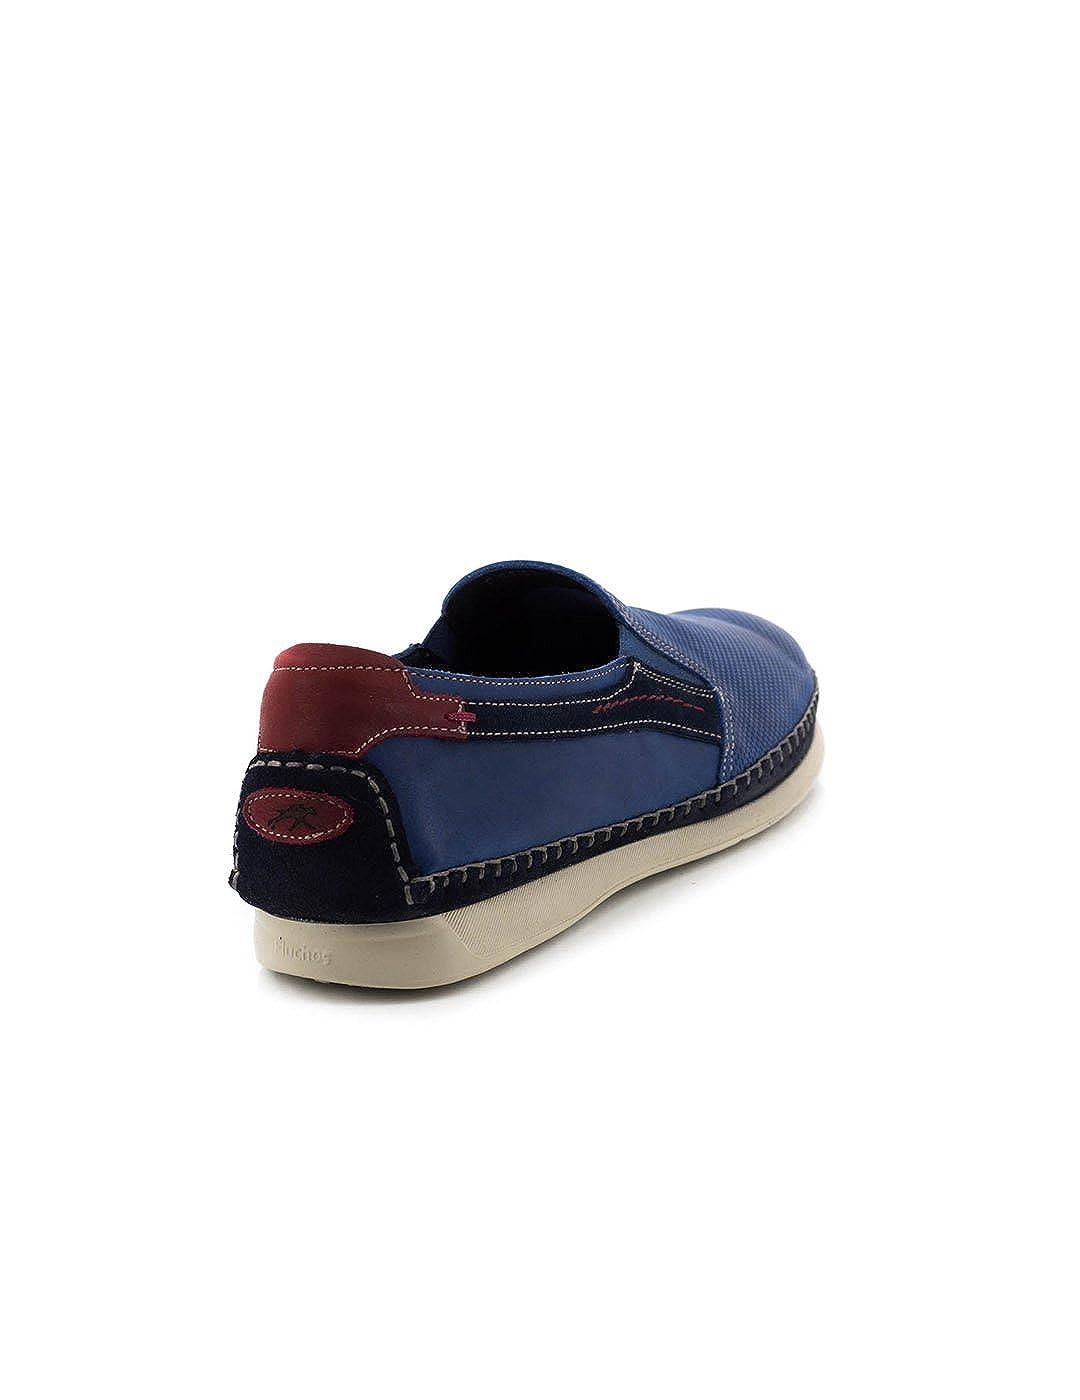 Chaussure Peau Nue Et Sacs Chaussures Alpe 36241121 PwHxvppq